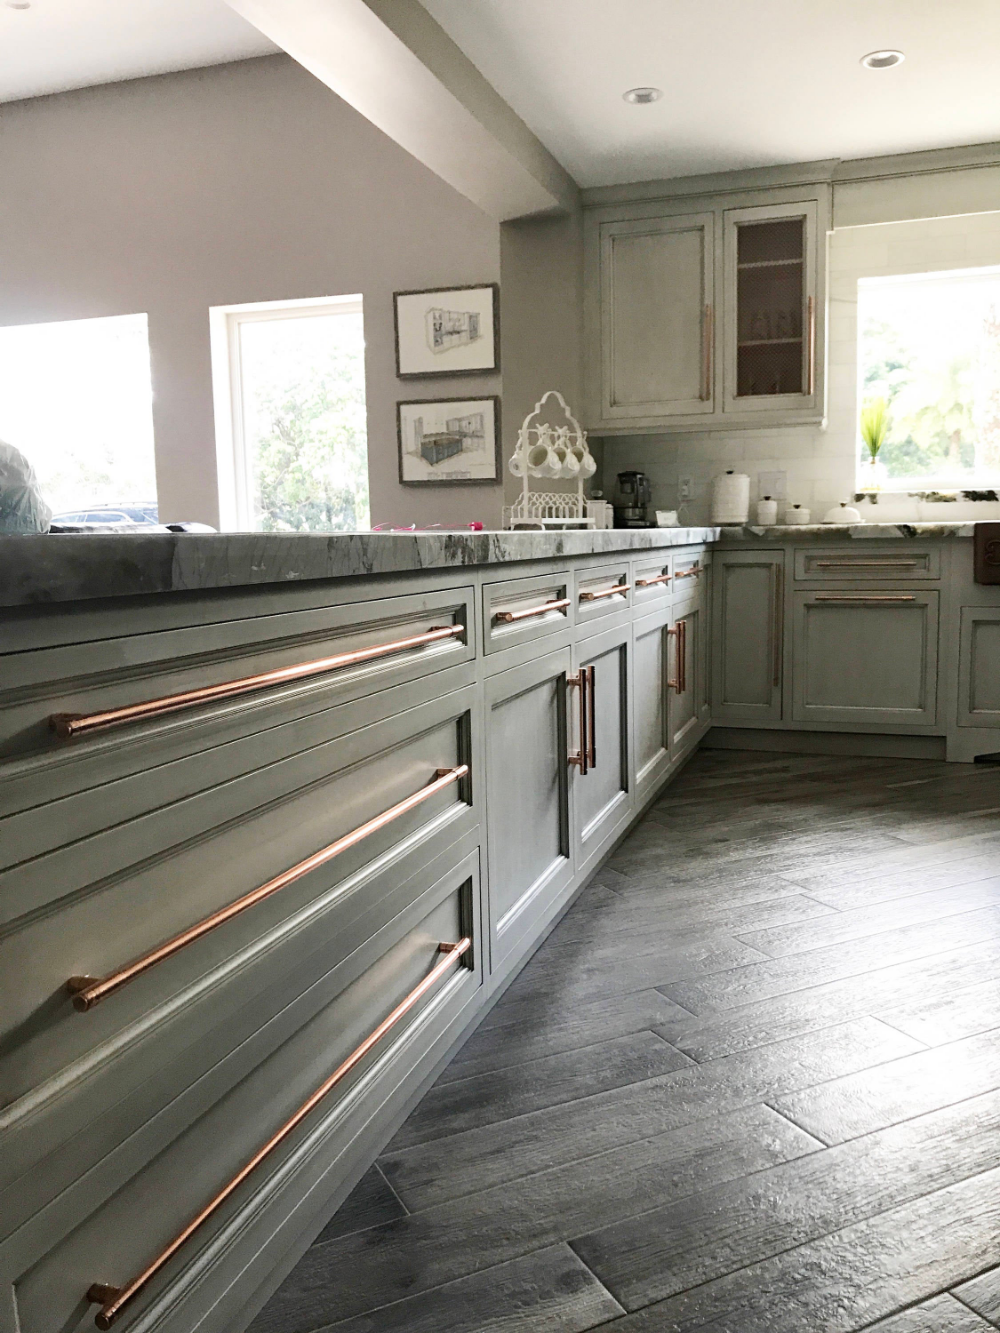 Copper Kitchen Pulls At Duckduckgo In 2020 Kitchen Door Handles Kitchen Handles New Kitchen Cabinet Doors